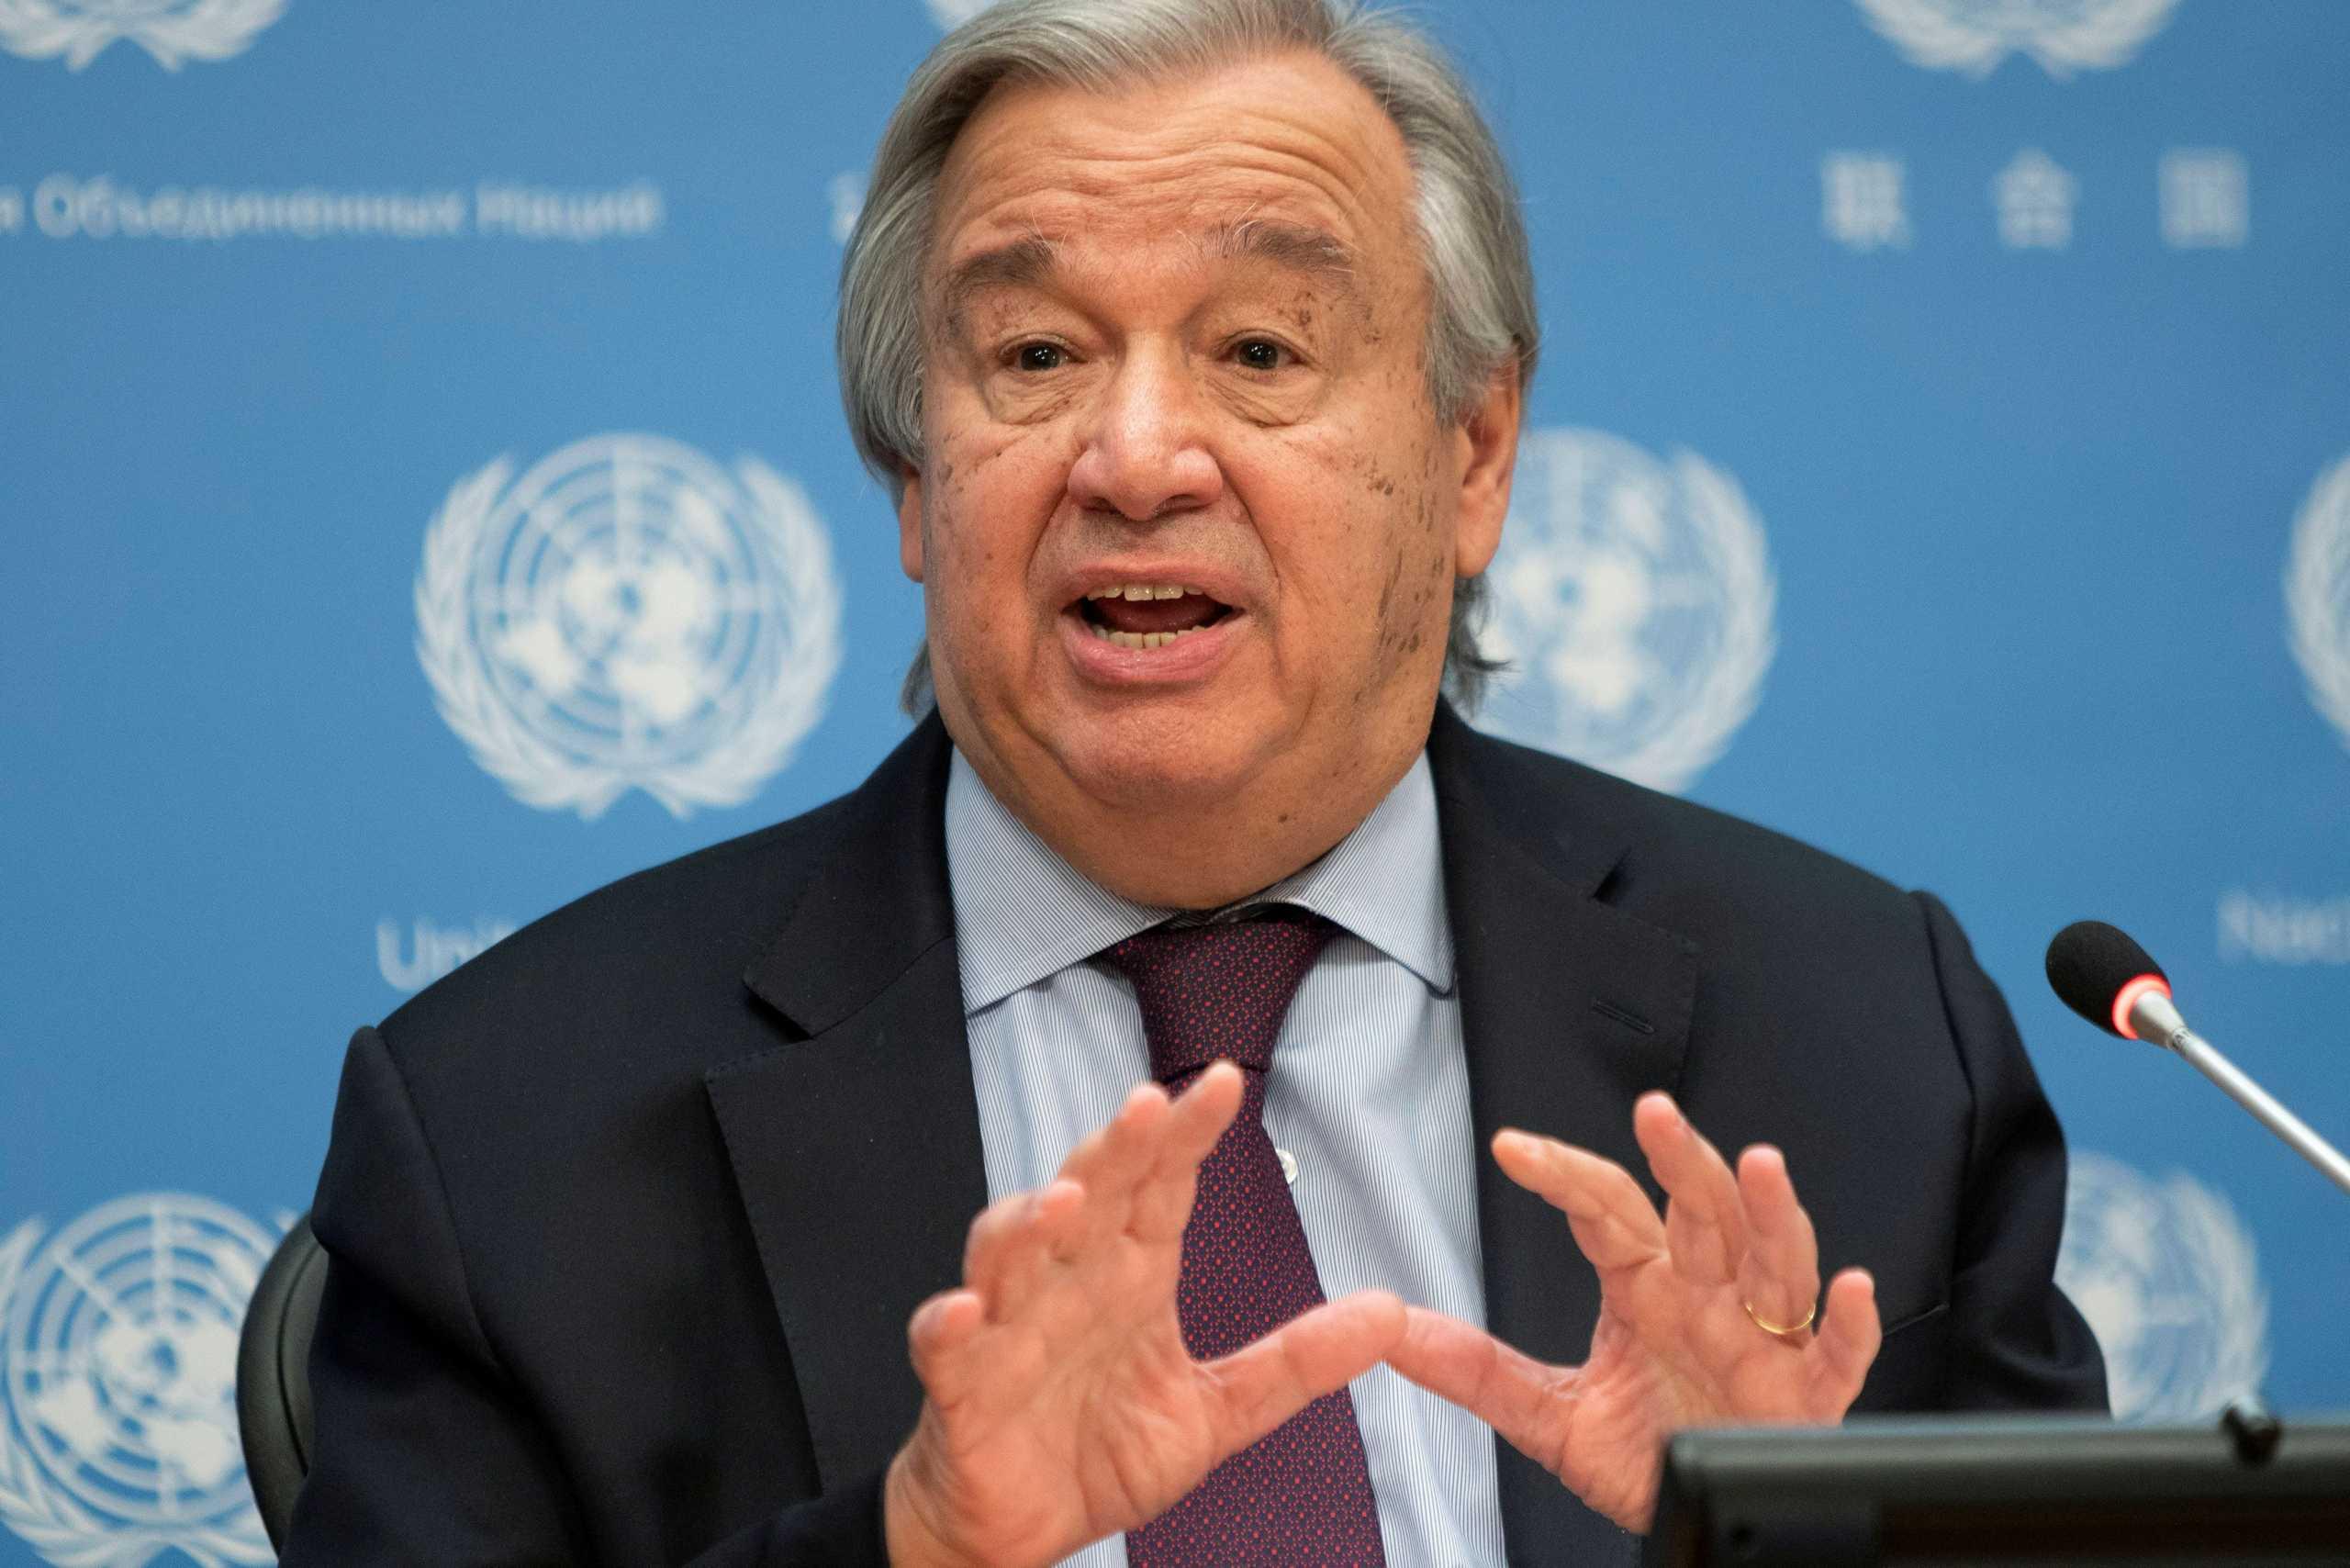 ΟΗΕ: Πάει και για δεύτερη θητεία ο Γκουτέρες